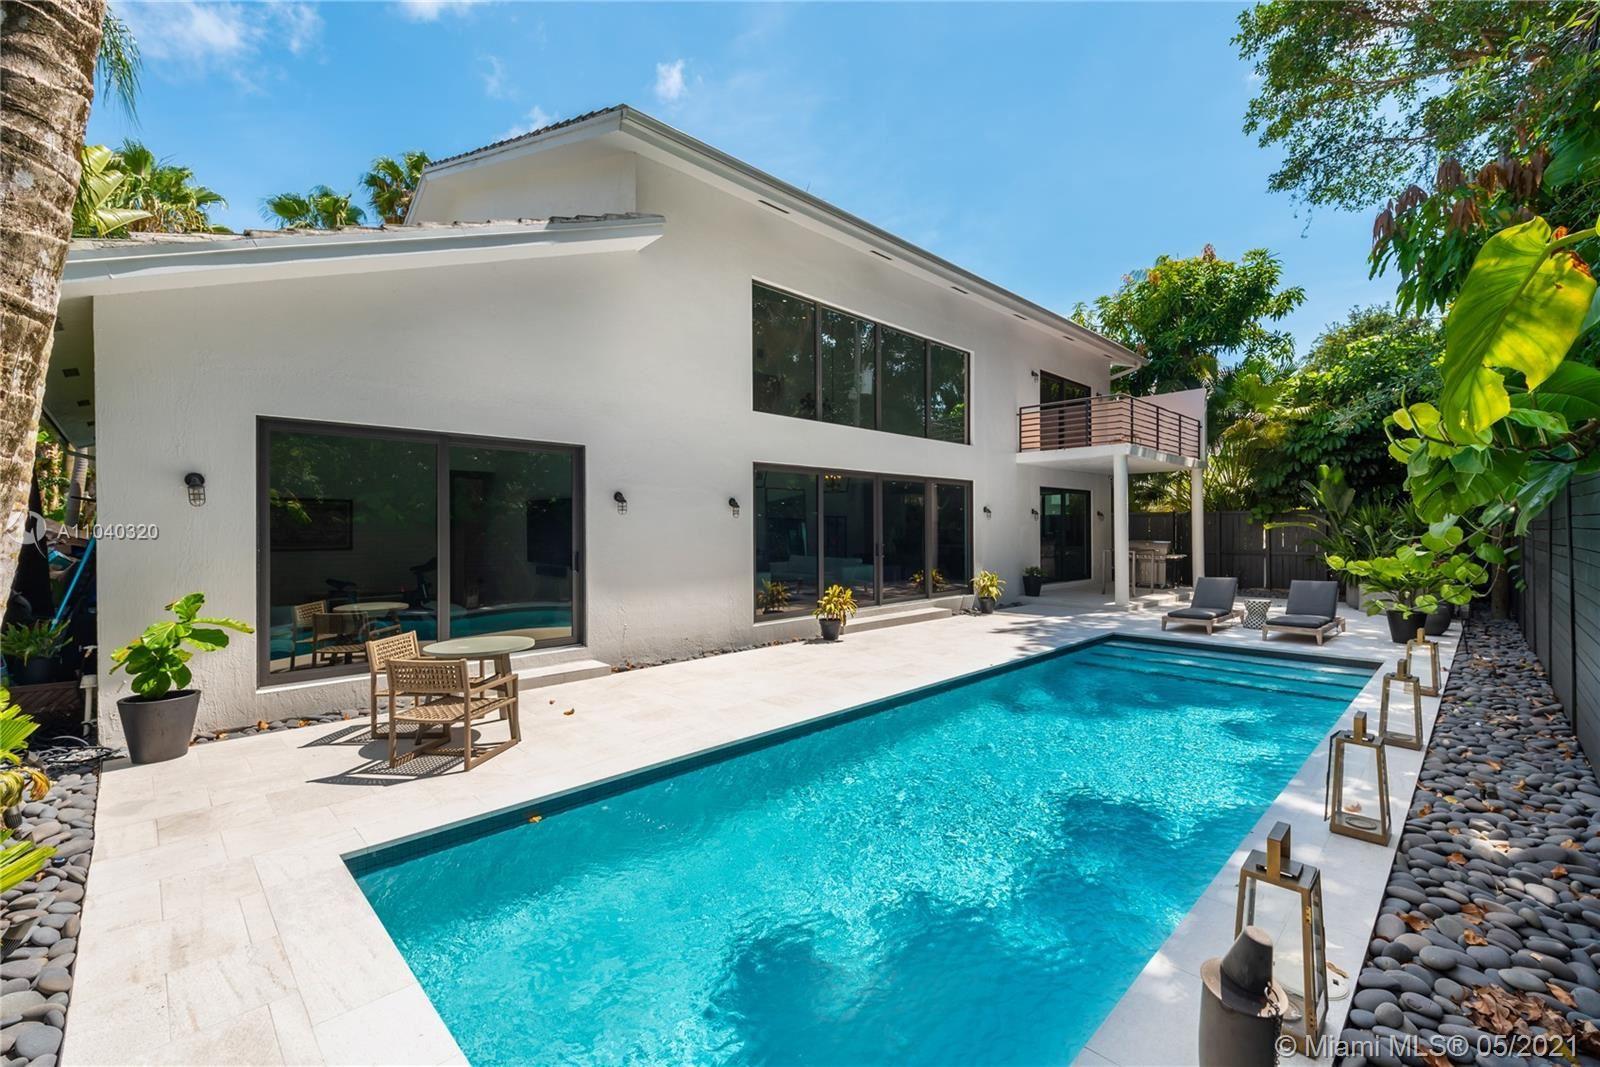 Photo of 3782 El Prado Blvd, Miami, FL 33133 (MLS # A11040320)